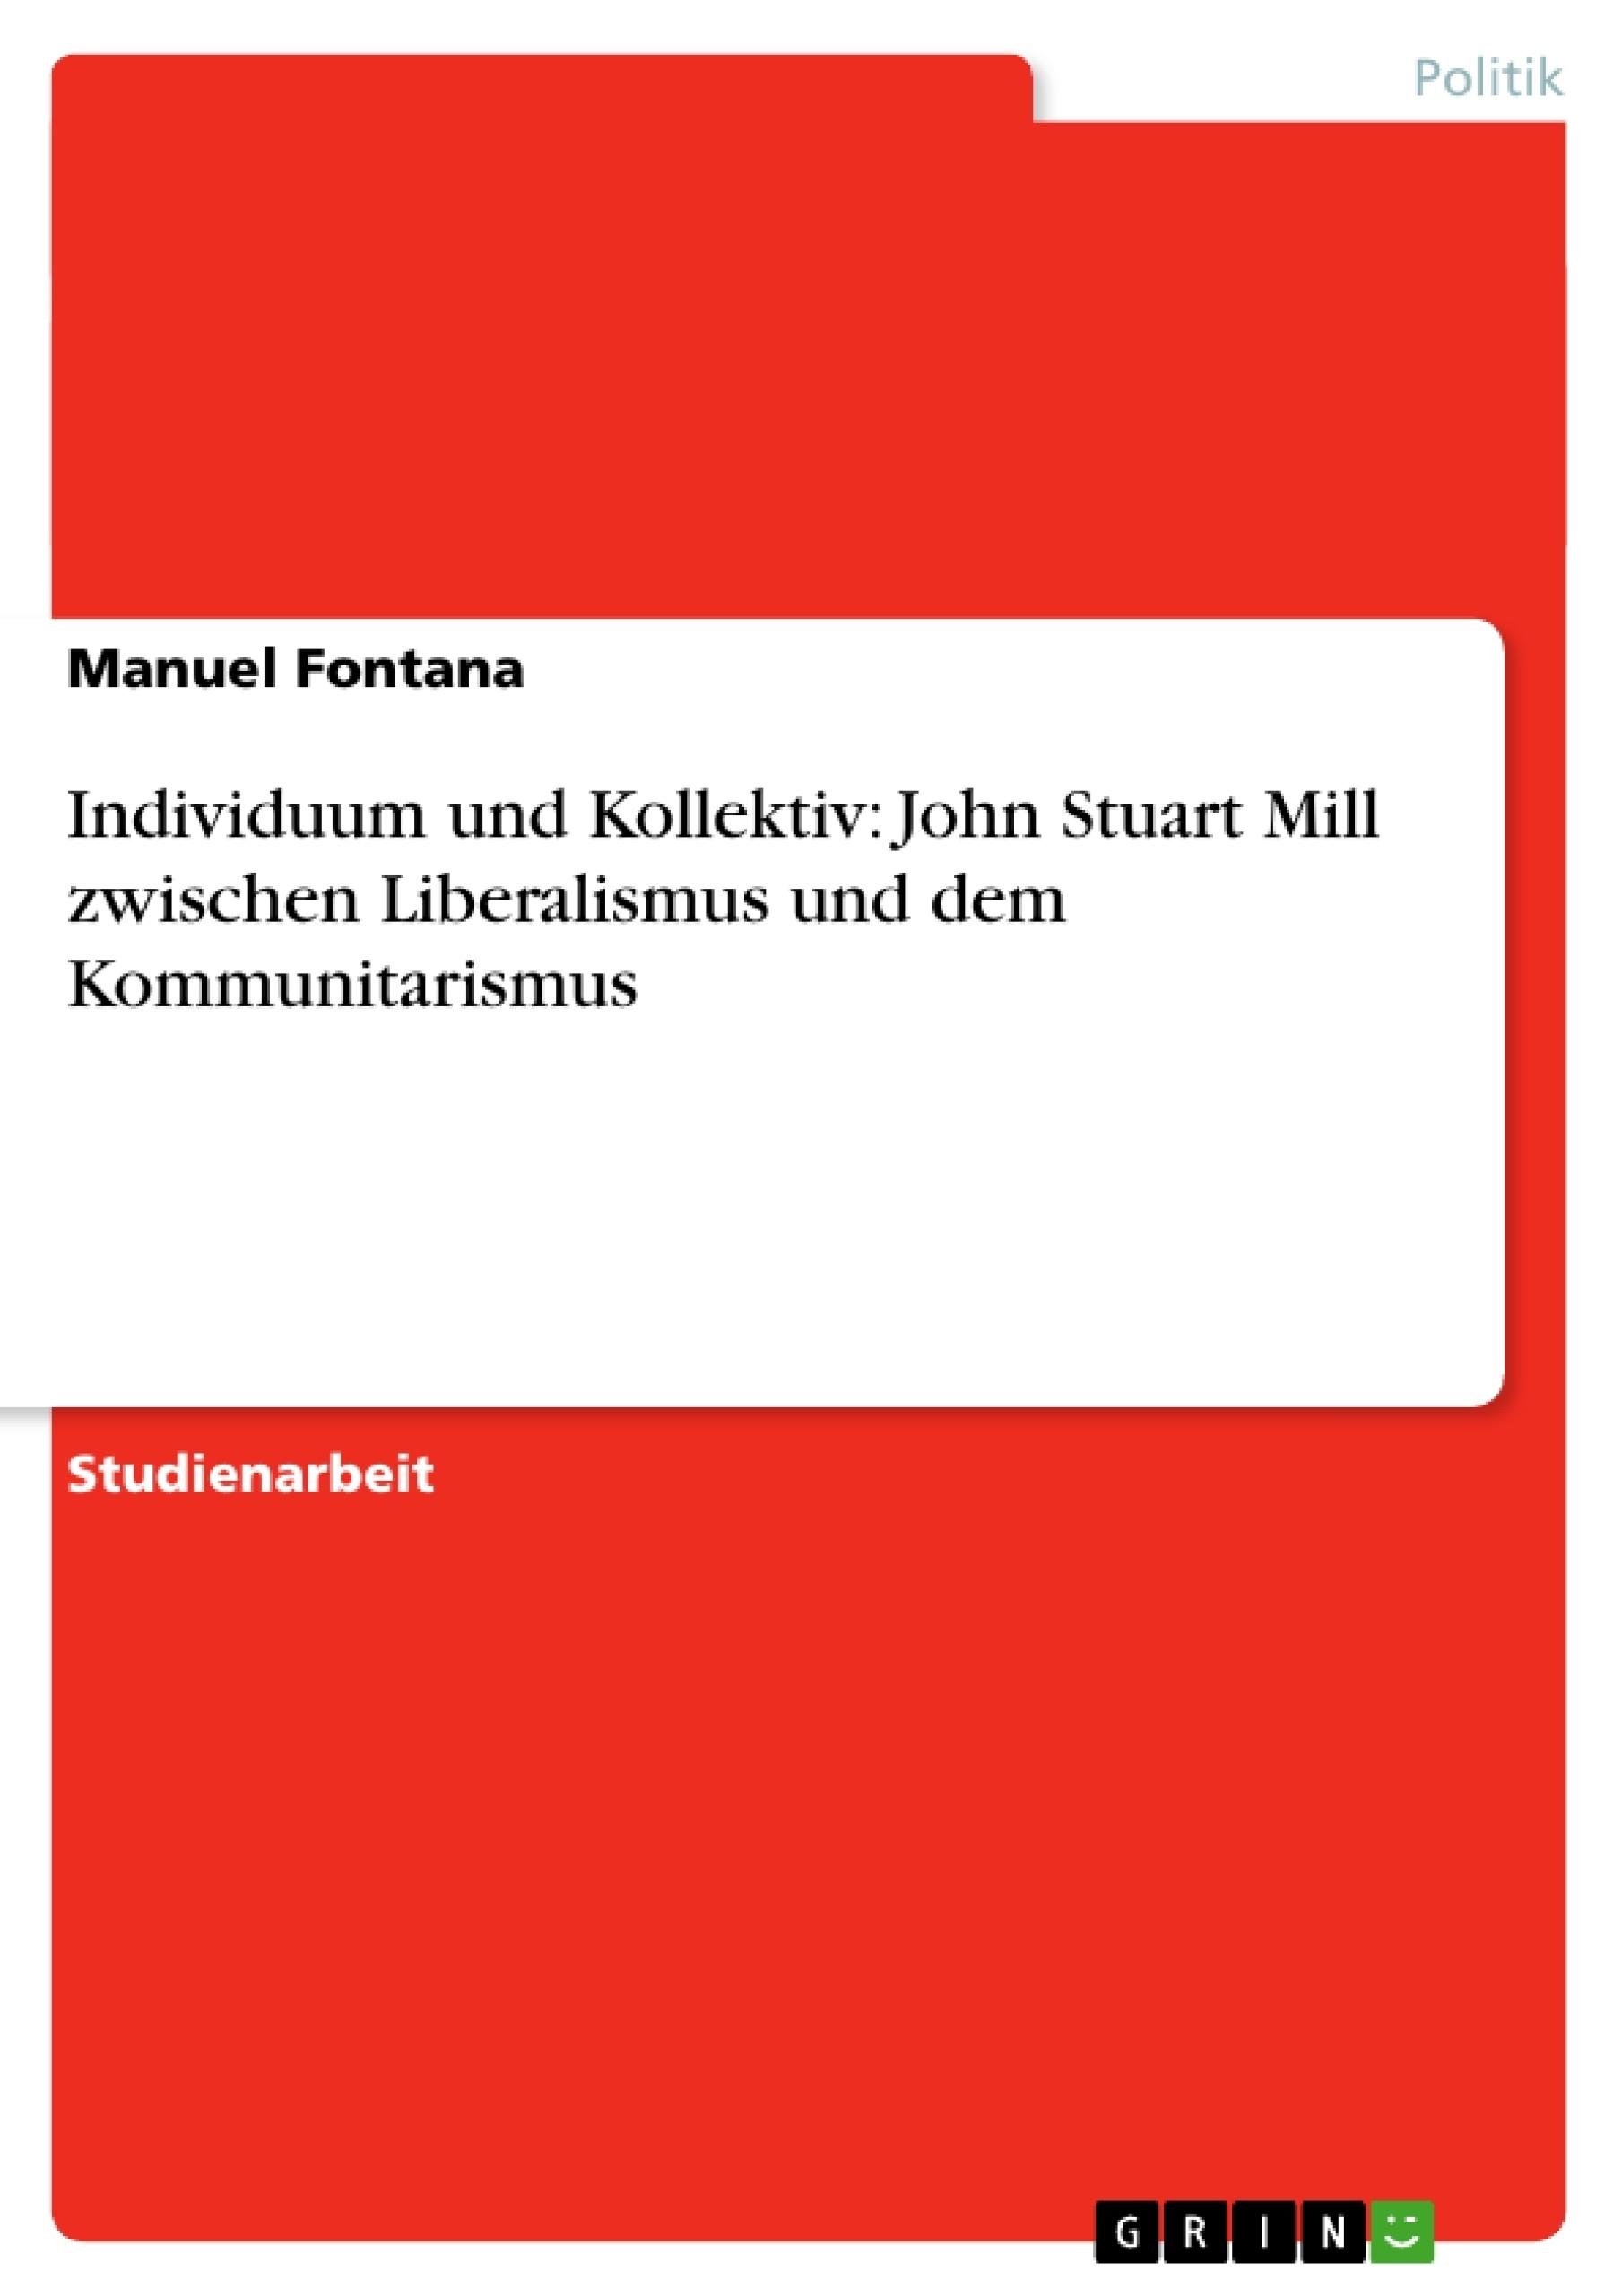 Titel: Individuum und Kollektiv: John Stuart Mill zwischen Liberalismus und dem Kommunitarismus